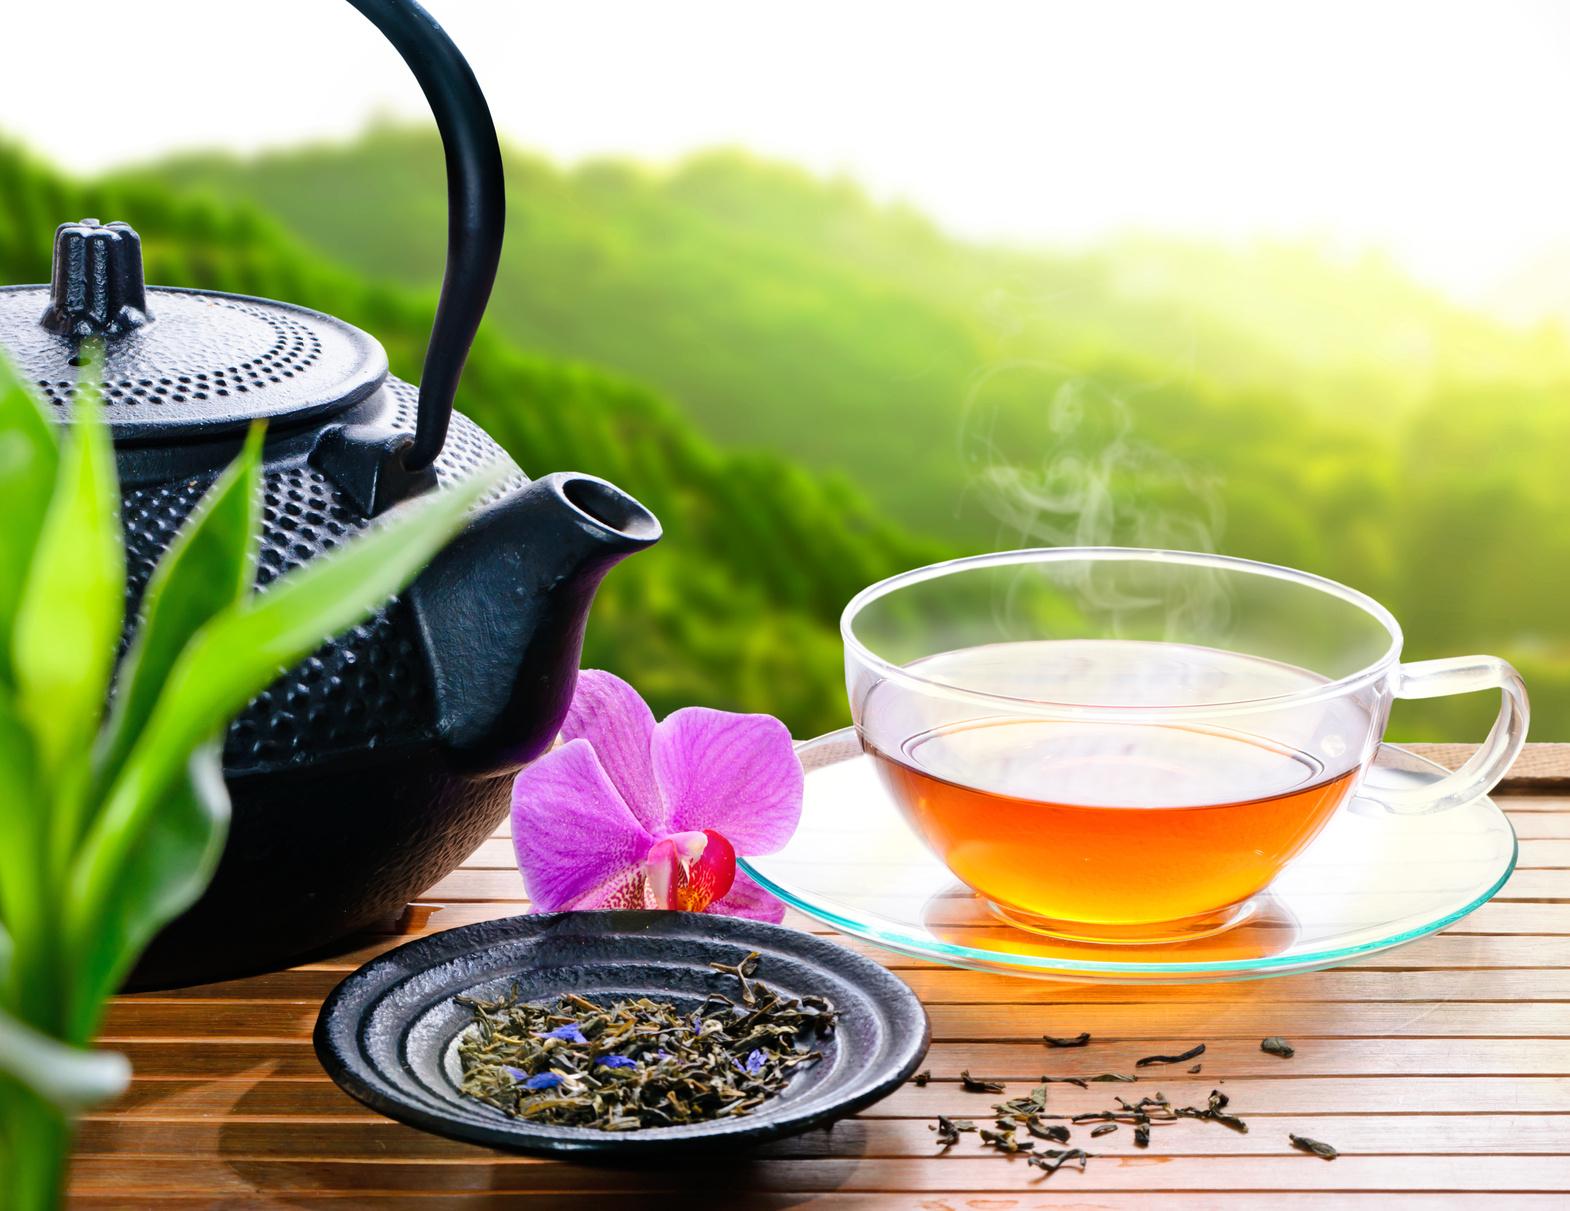 Nepálské čaje - Skvělá alternativa klasického Darjeelingu